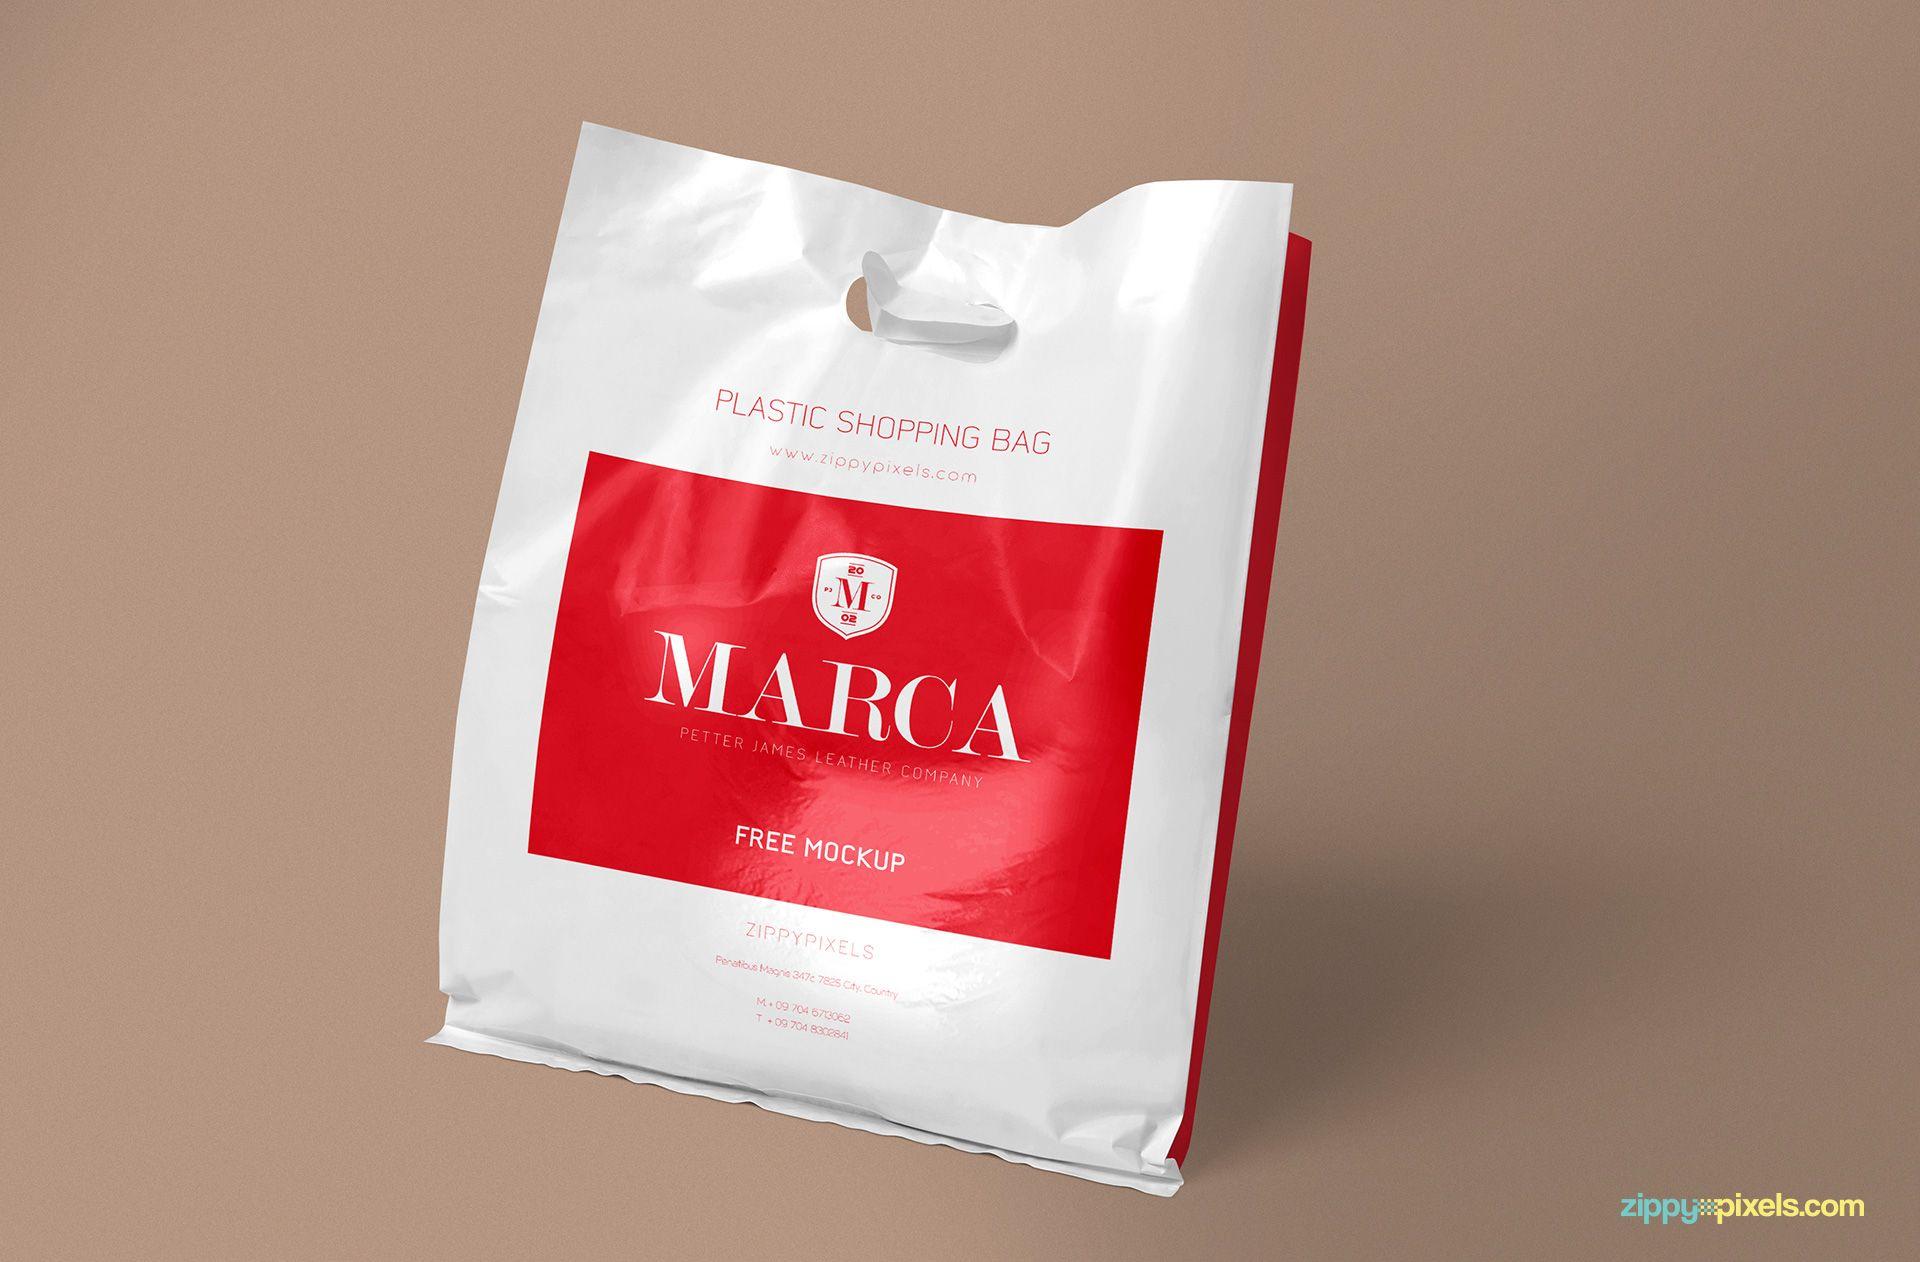 Download Free Plastic Bag Mockup Zippypixels Bag Mockup Plastic Bag Packaging Plastic Bag